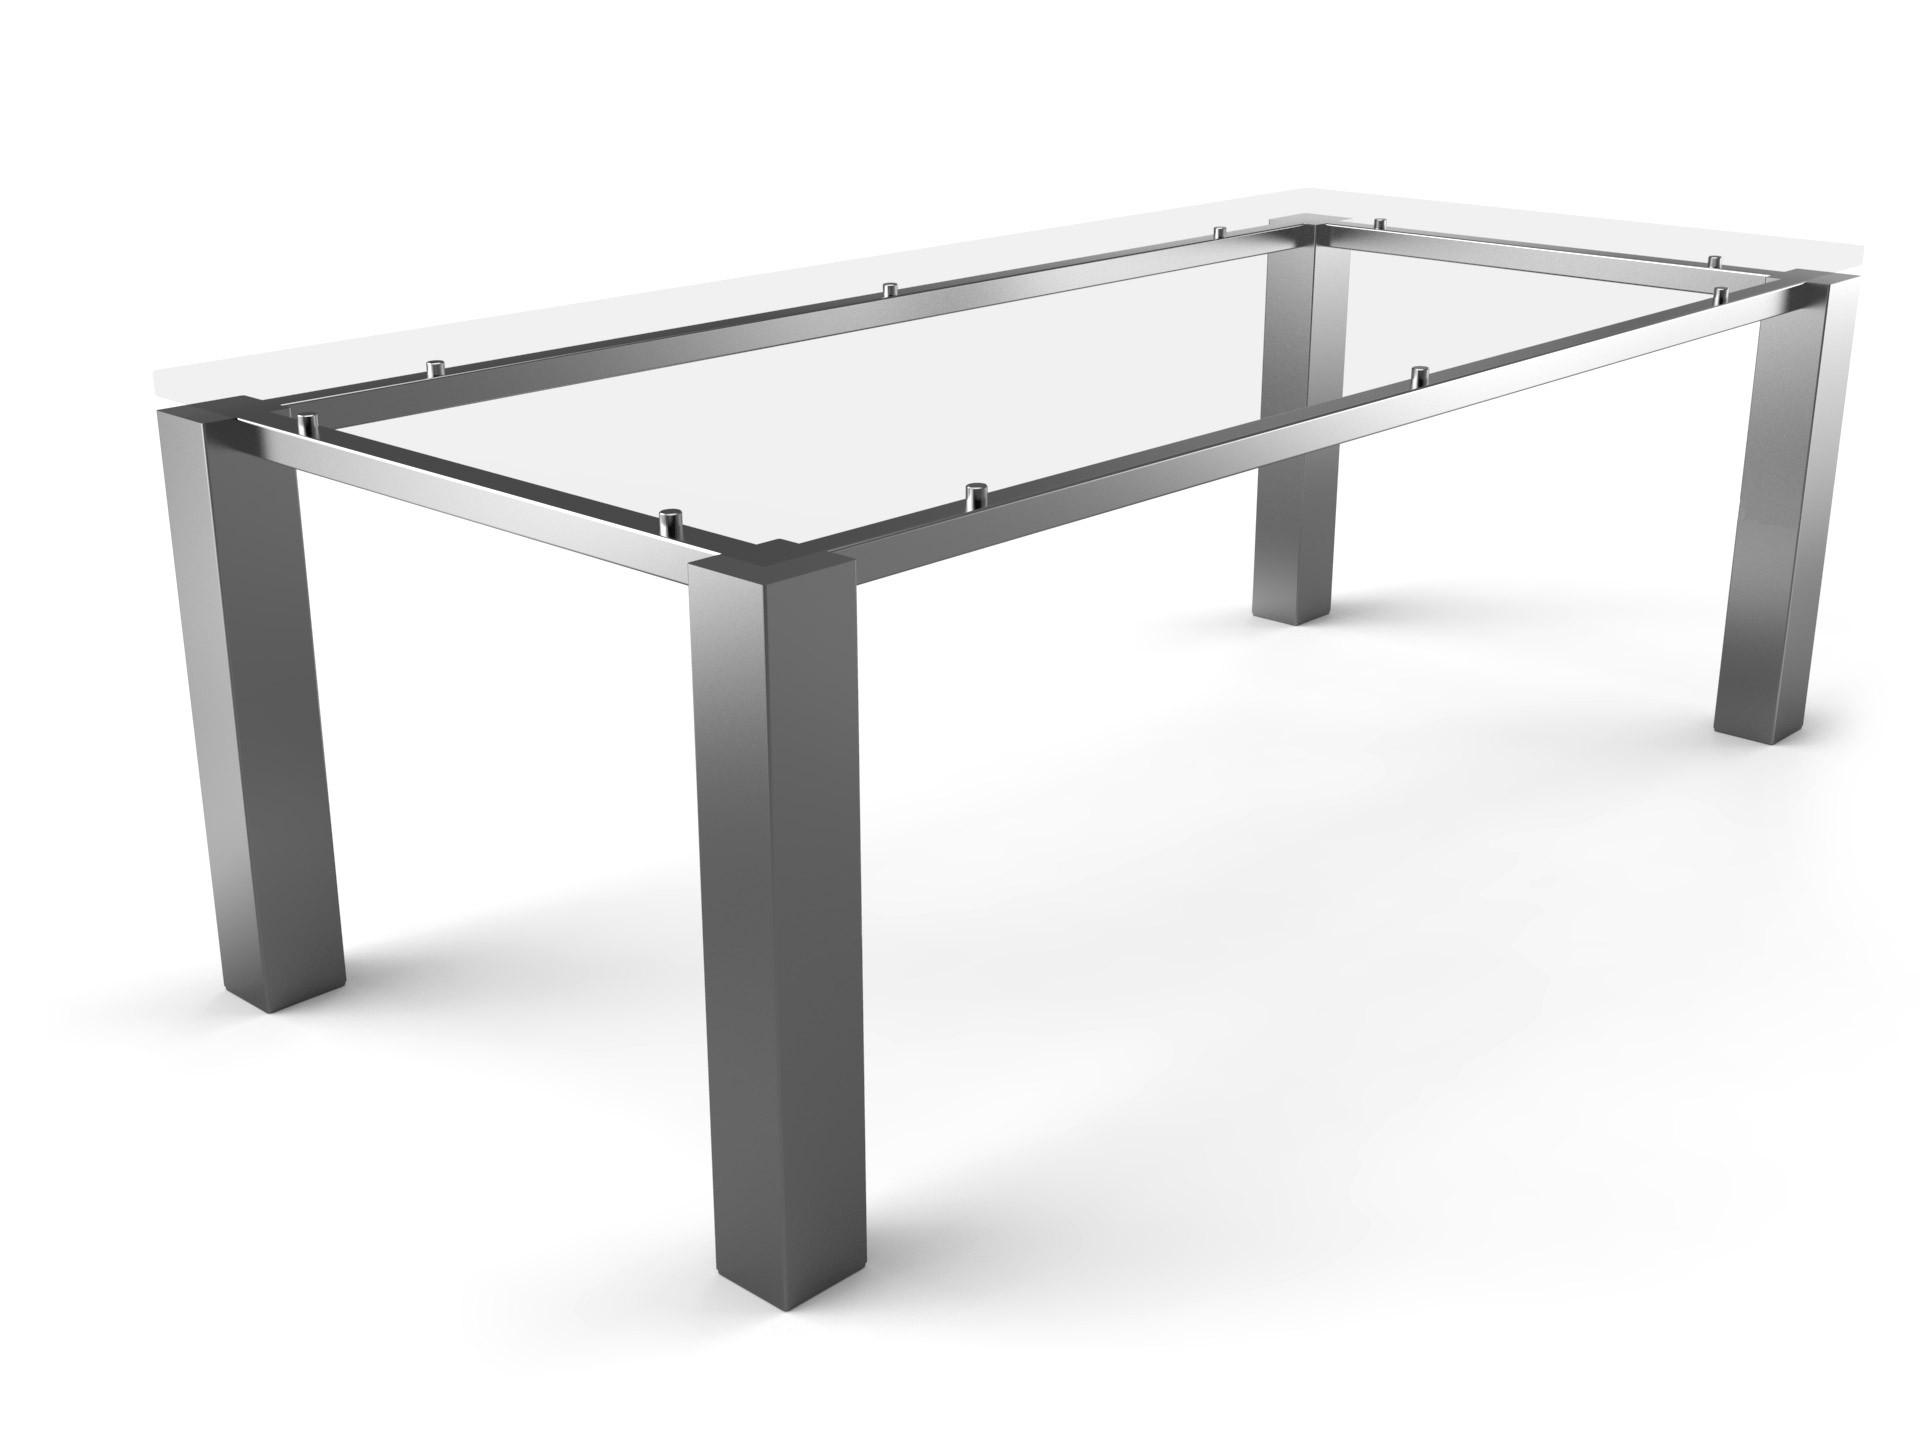 Tischgestell Schwebend Edelstahl-100